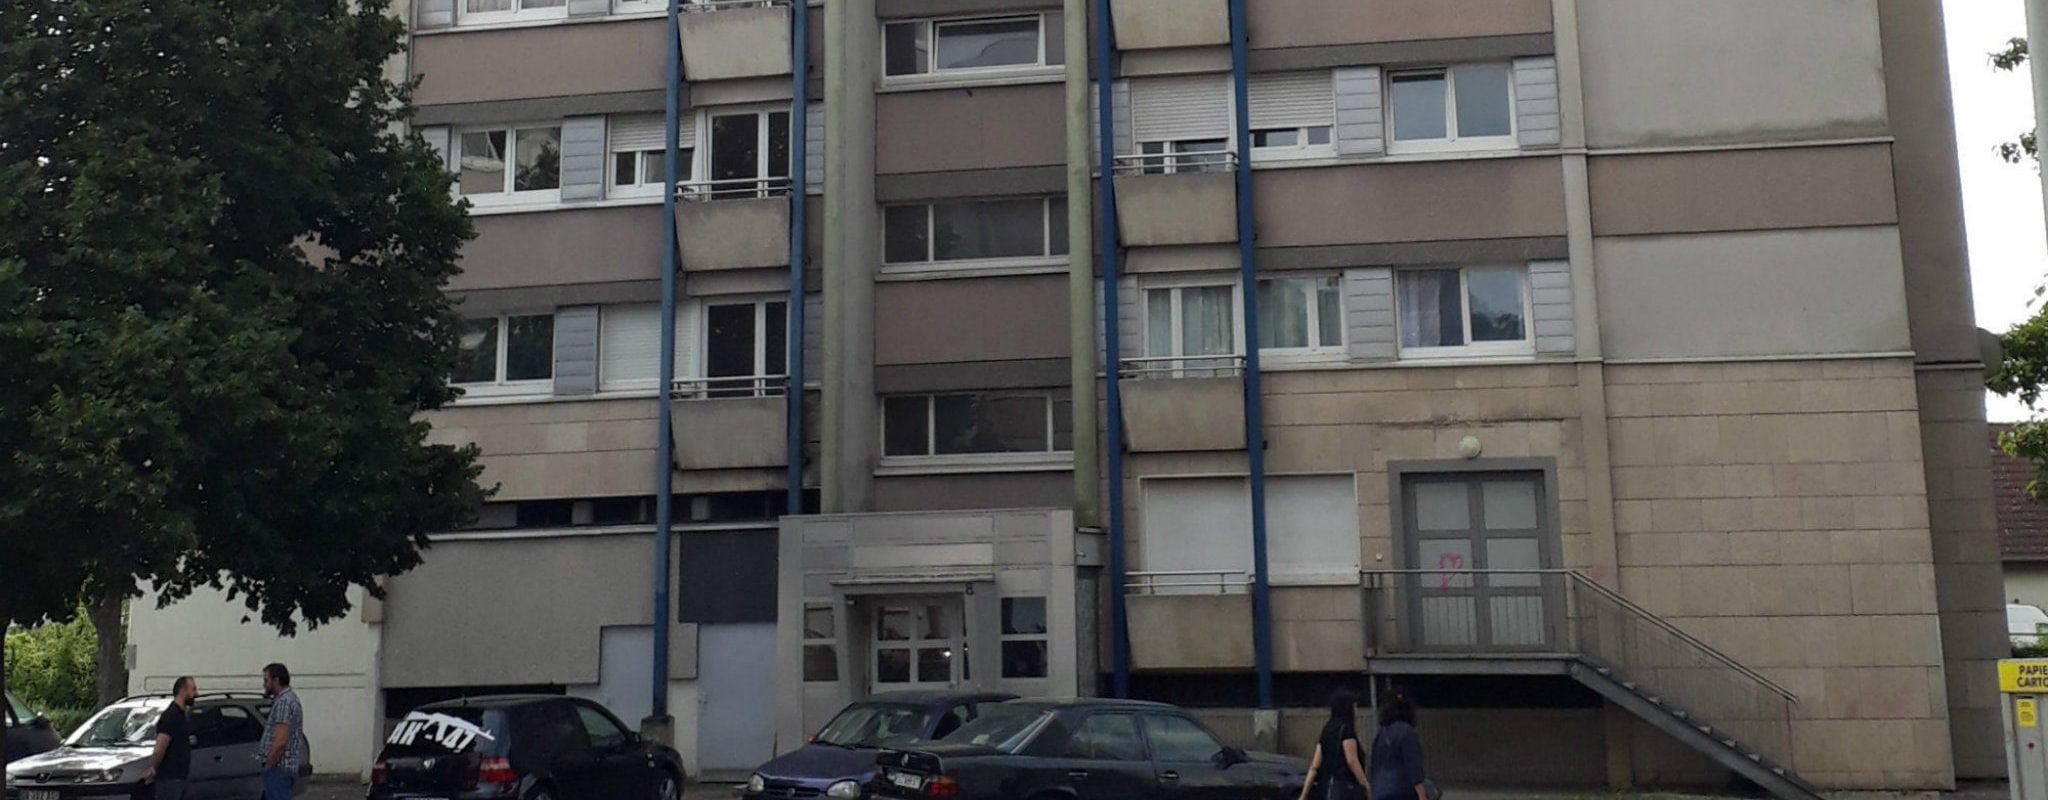 À Cronenbourg, quatre familles tchétchènes au bord de l'expulsion